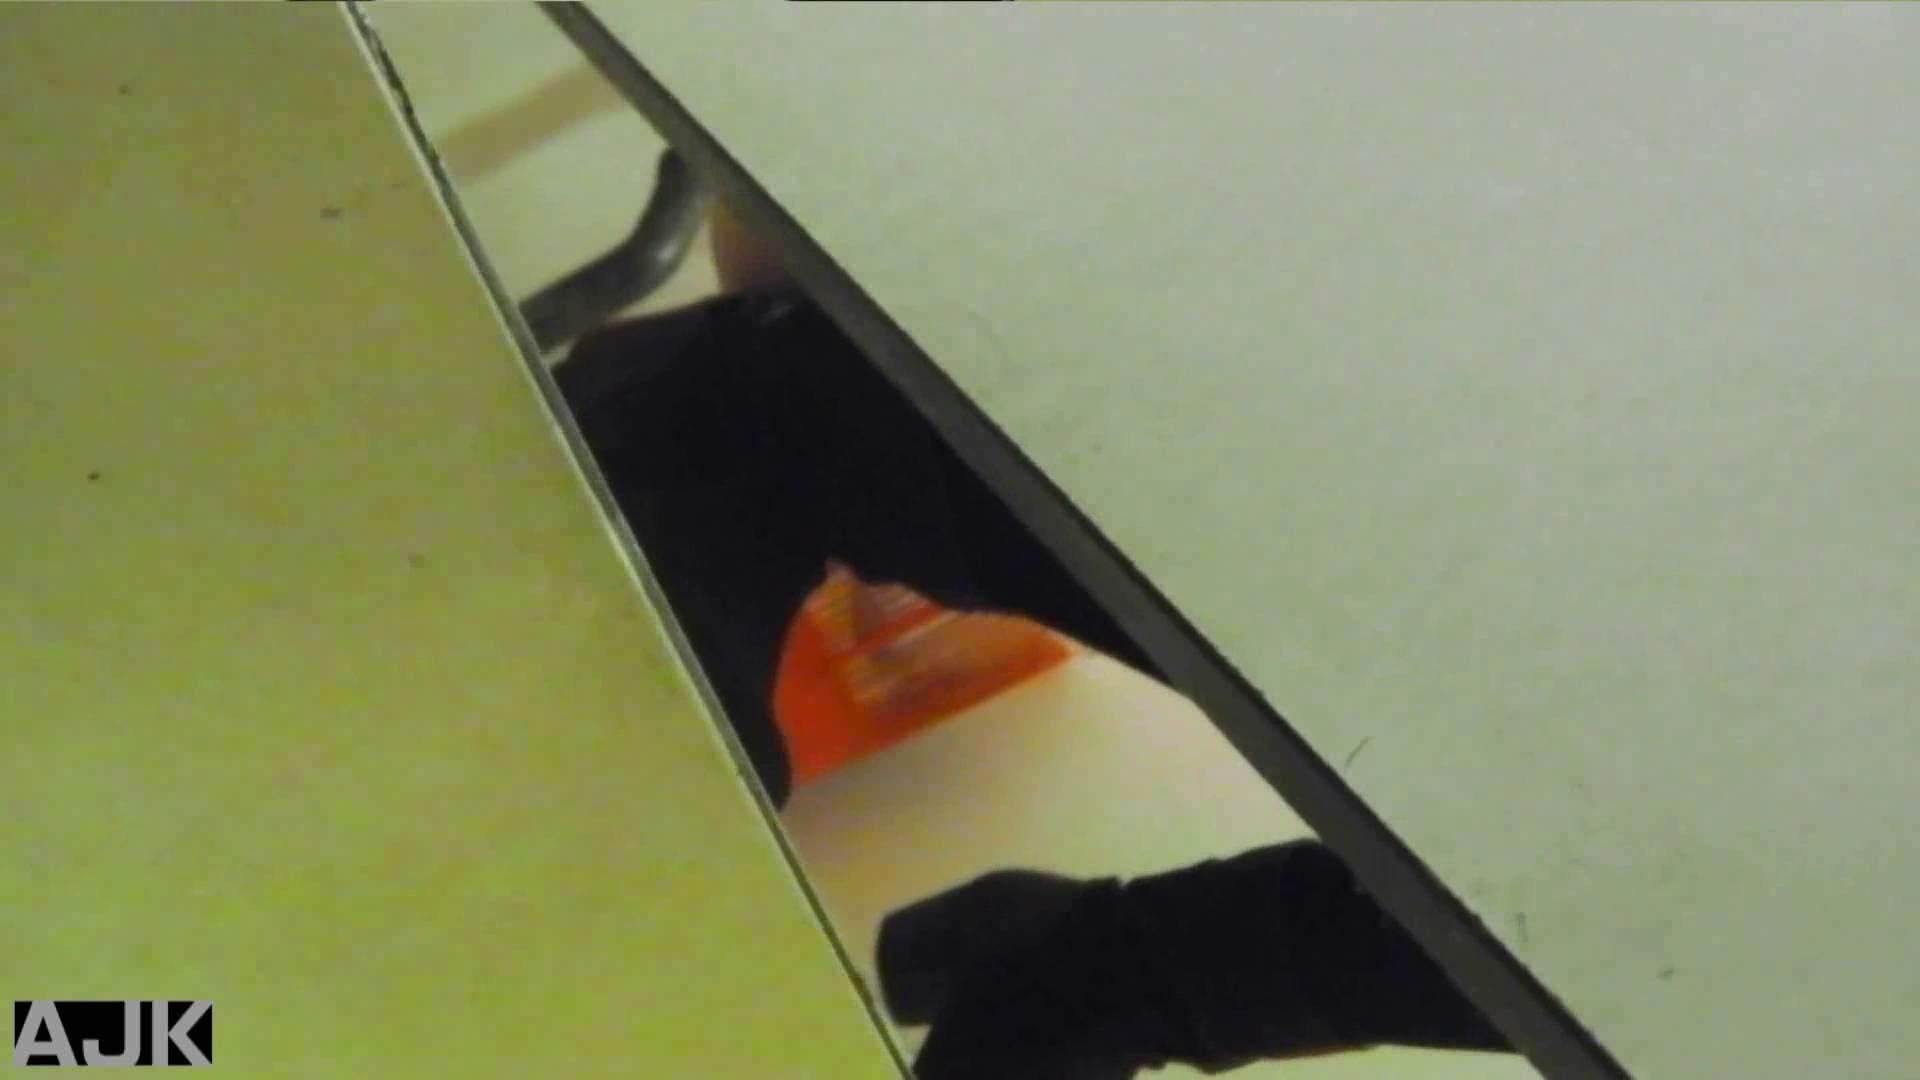 隣国上階級エリアの令嬢たちが集うデパートお手洗い Vol.20 エッチすぎるOL達 | お手洗い  55連発 51